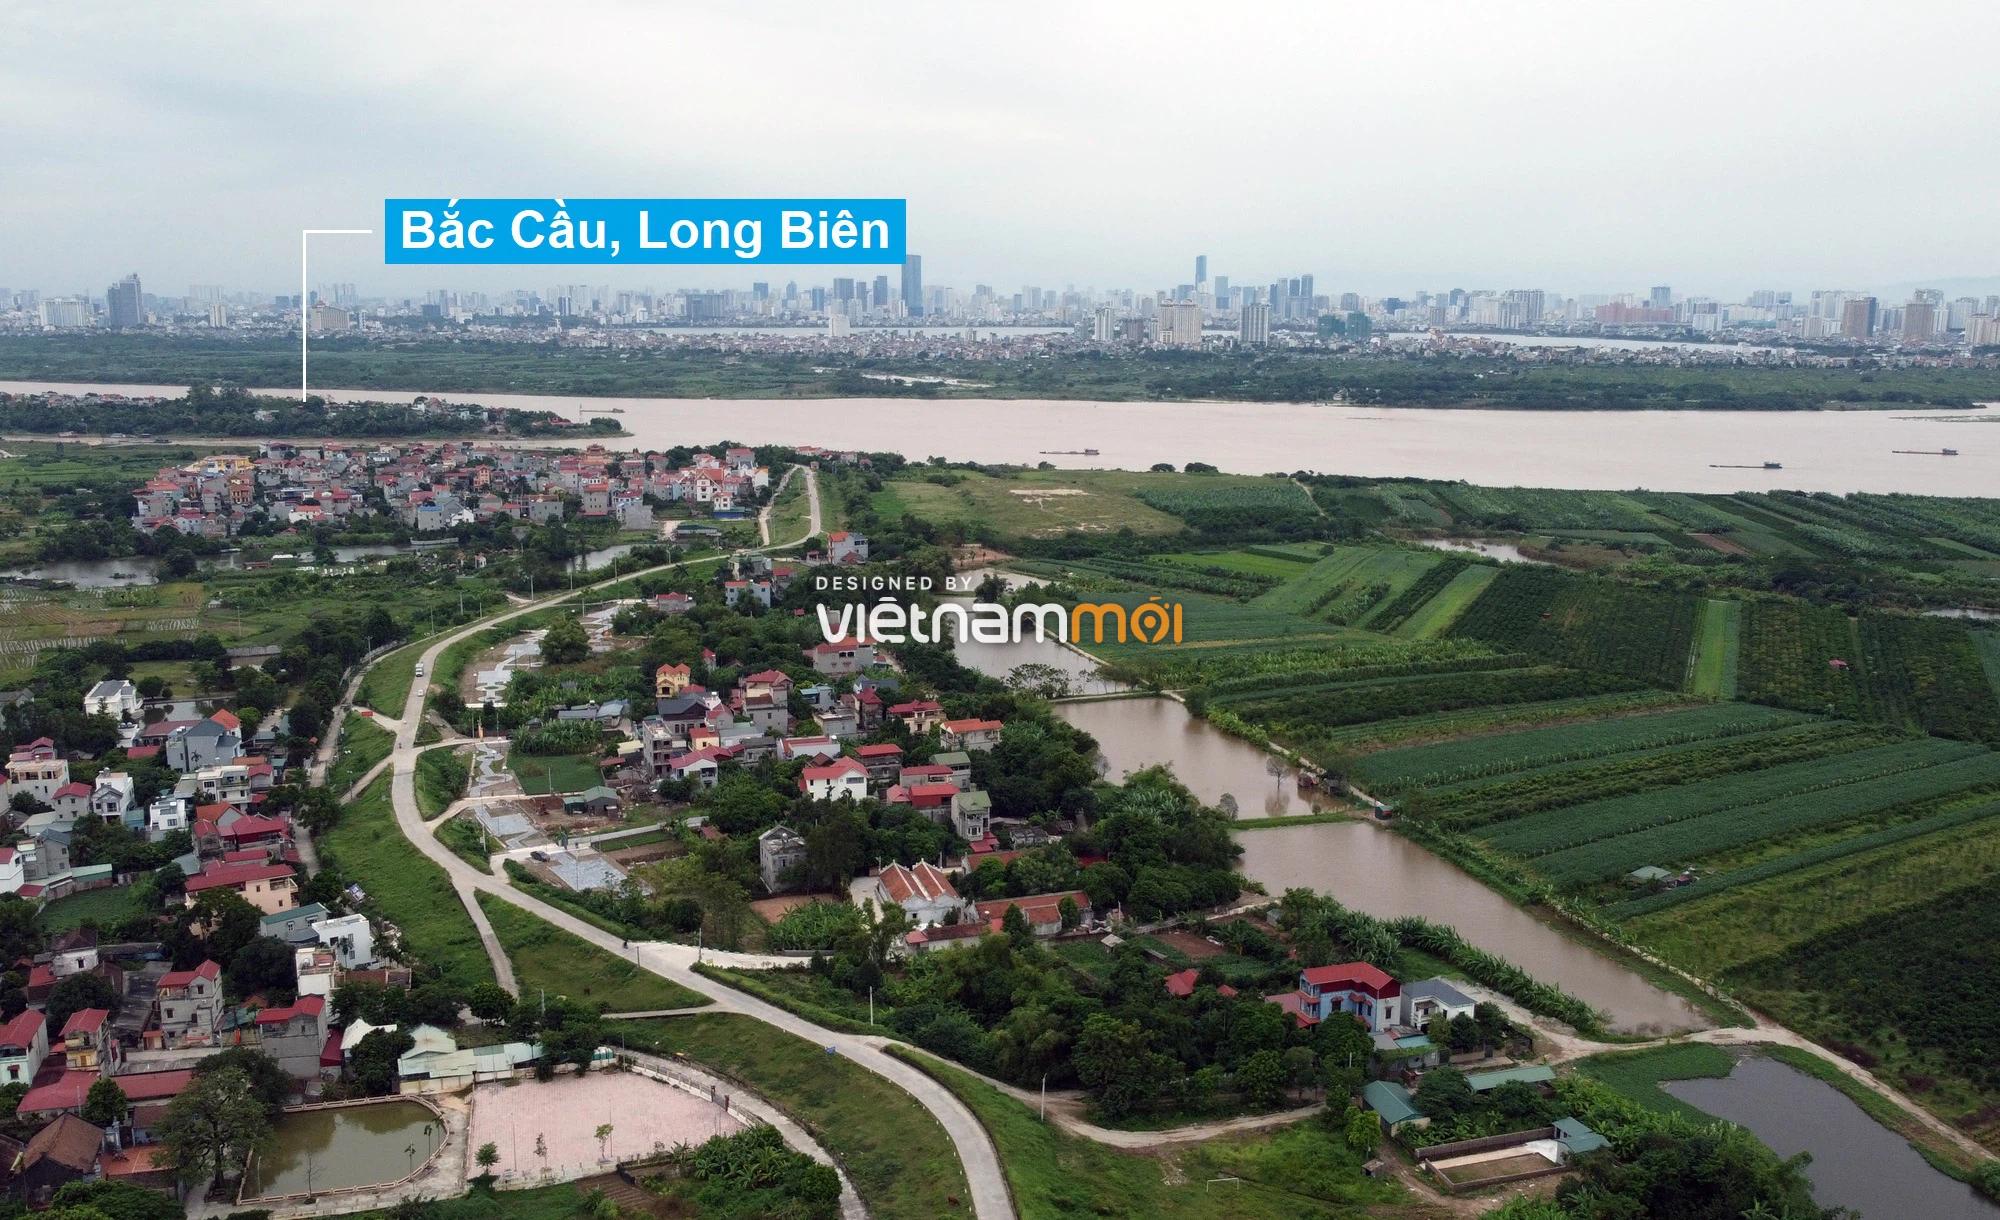 Hà Nội: Toàn cảnh hai bãi sông Hồng được phép xây dựng - Ảnh 9.